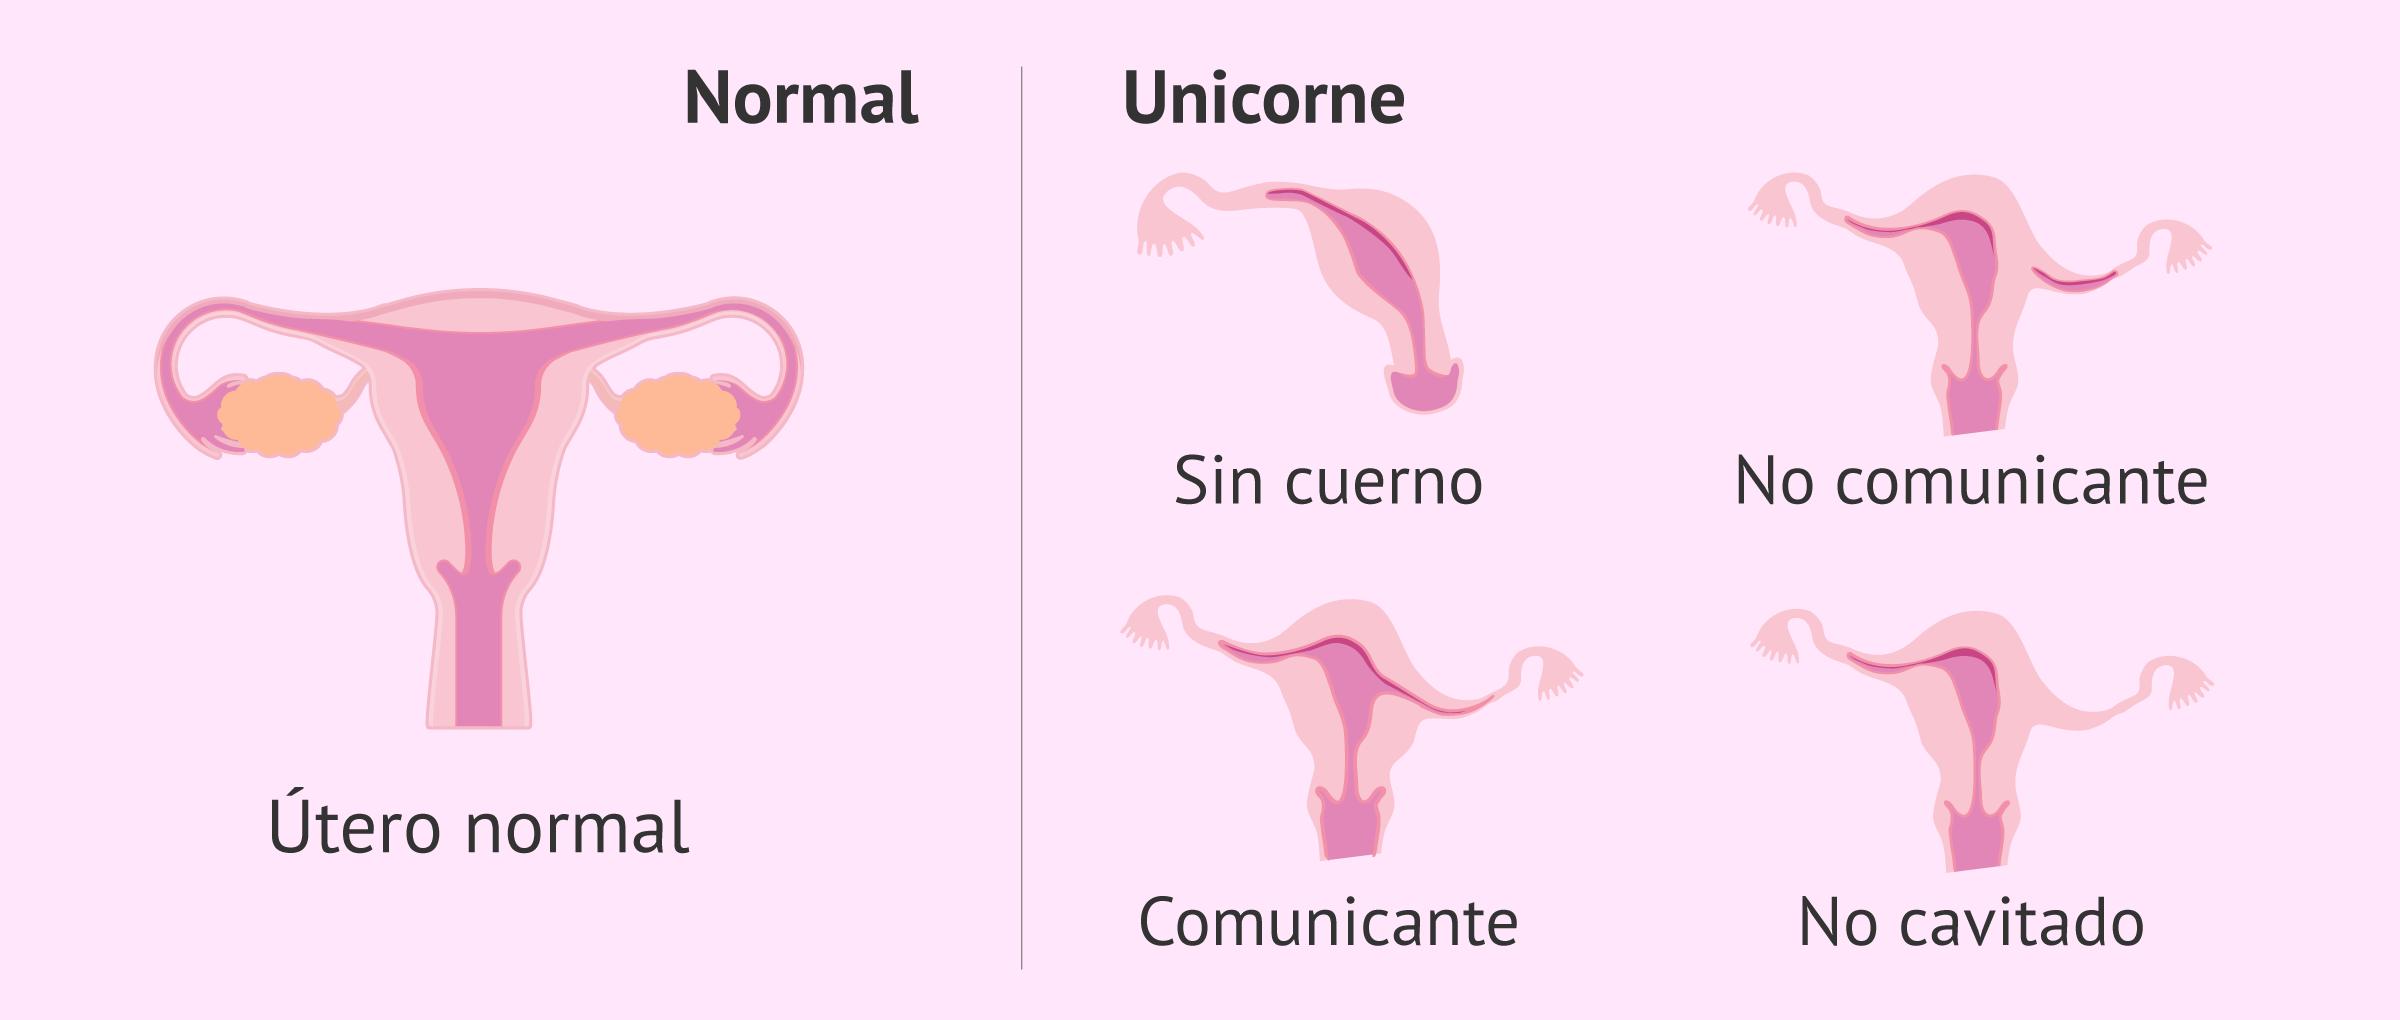 utero-unicorne-glosario